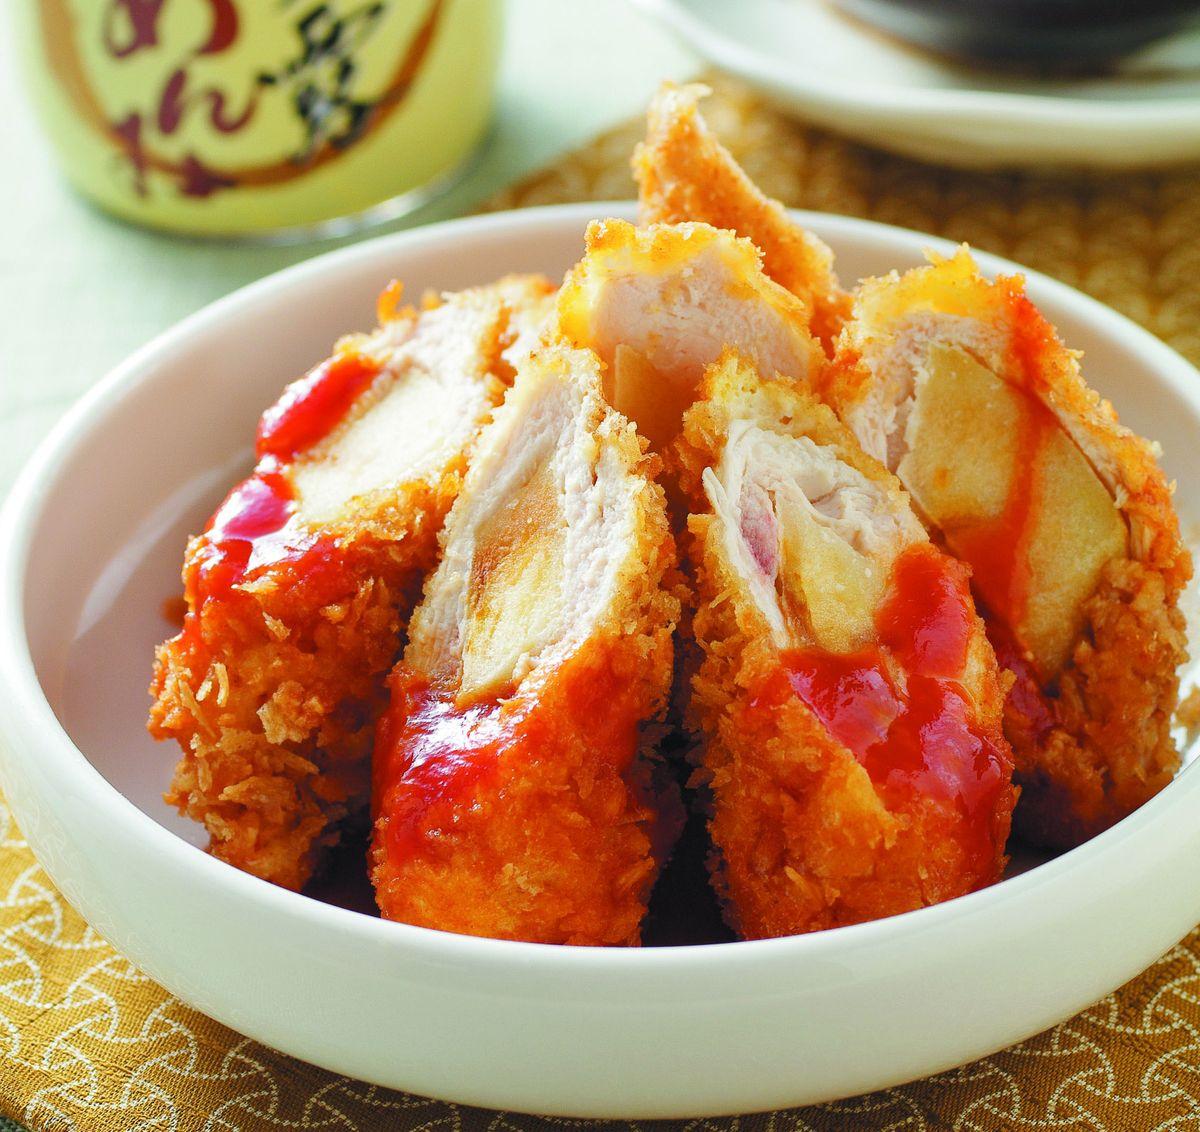 食譜:炸蘋果雞肉卷